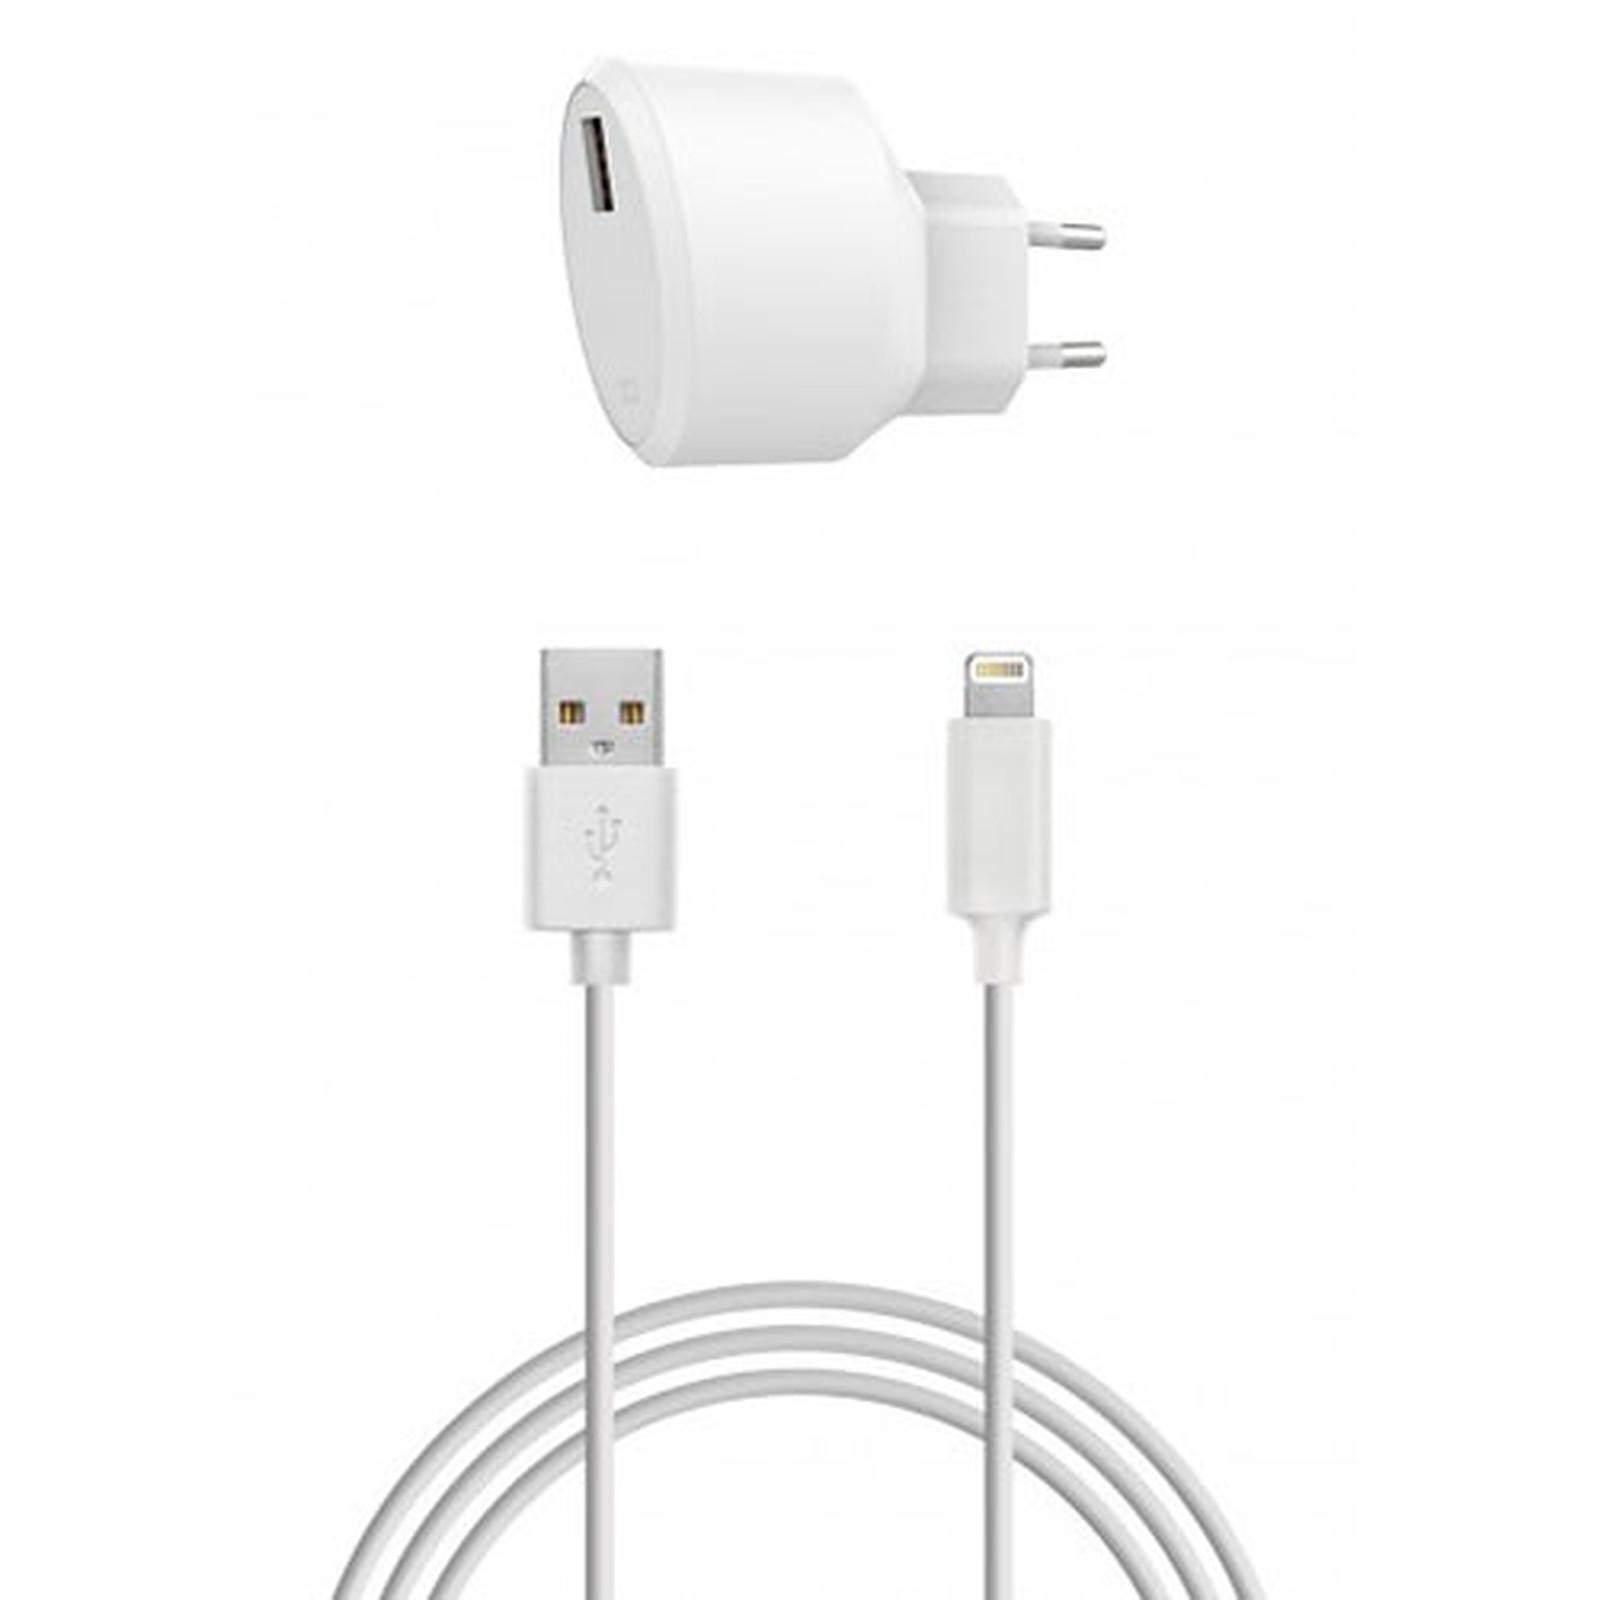 Chargeur secteur double USB 3.1 A Xqisit Chargeur pour